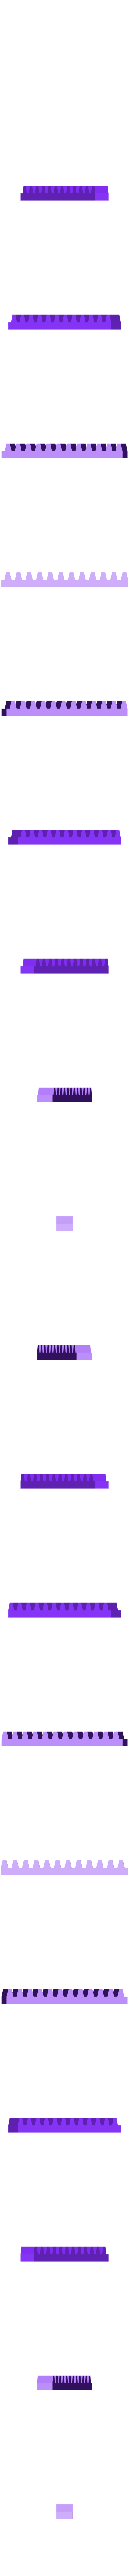 crémaillère 3 v2.stl Télécharger fichier STL gratuit Engrenage et crémaillère • Design à imprimer en 3D, Andrieux